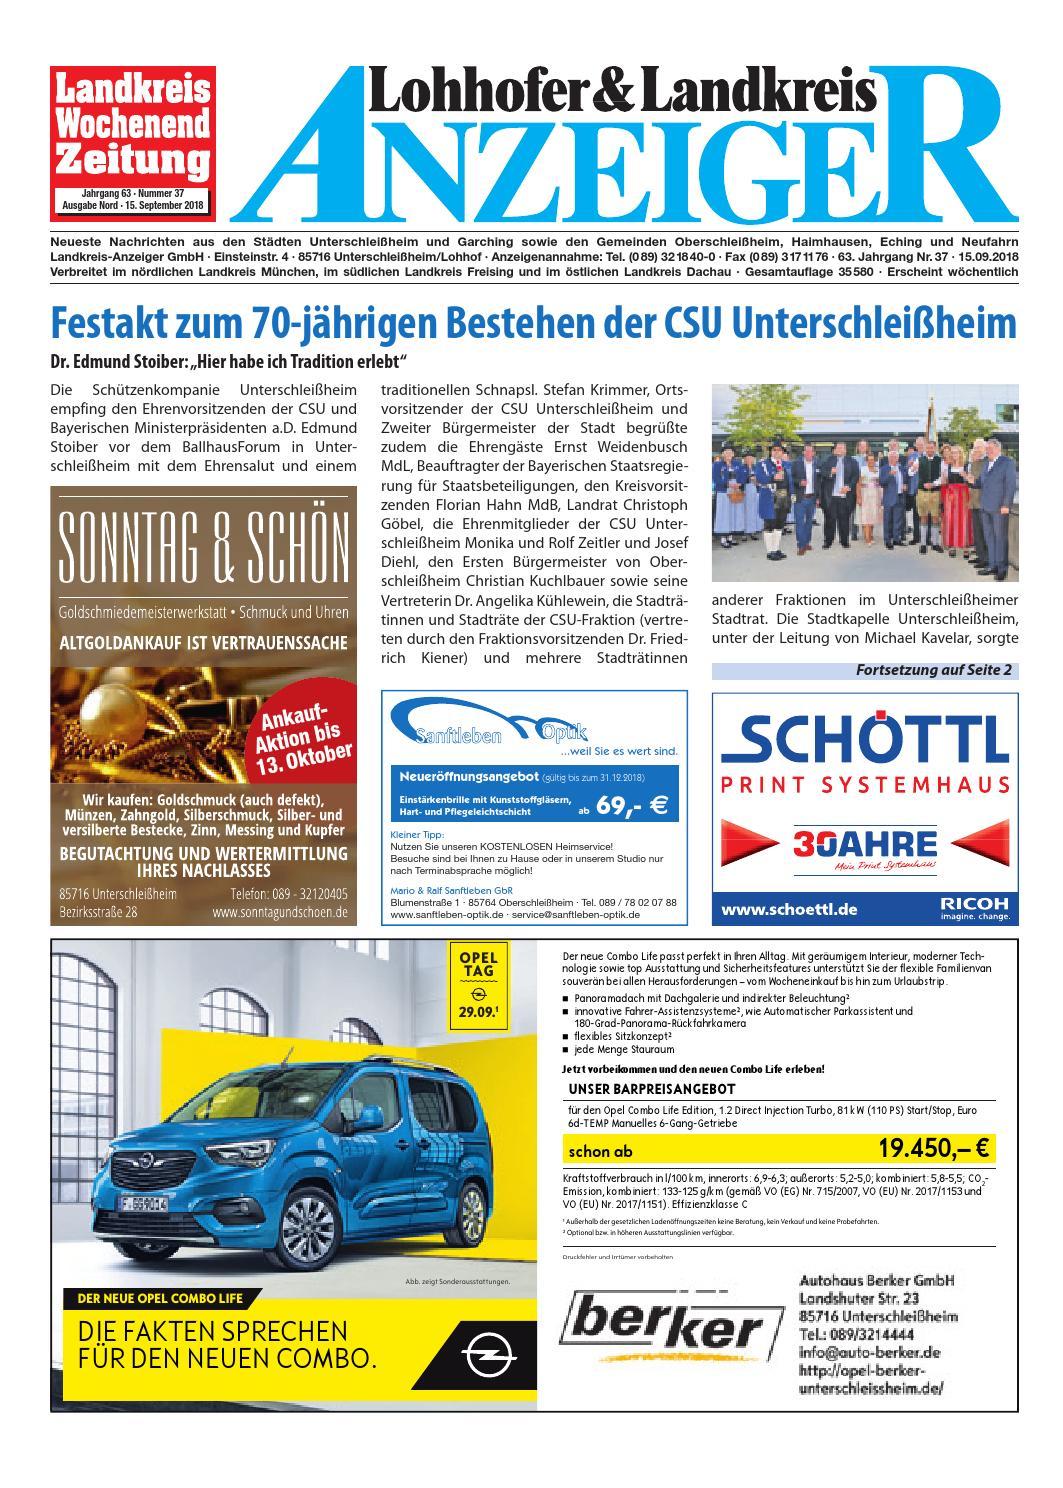 Lohhofer & Landkreis Anzeiger 3718 by Zimmermann GmbH Druck & Verlag - issuu